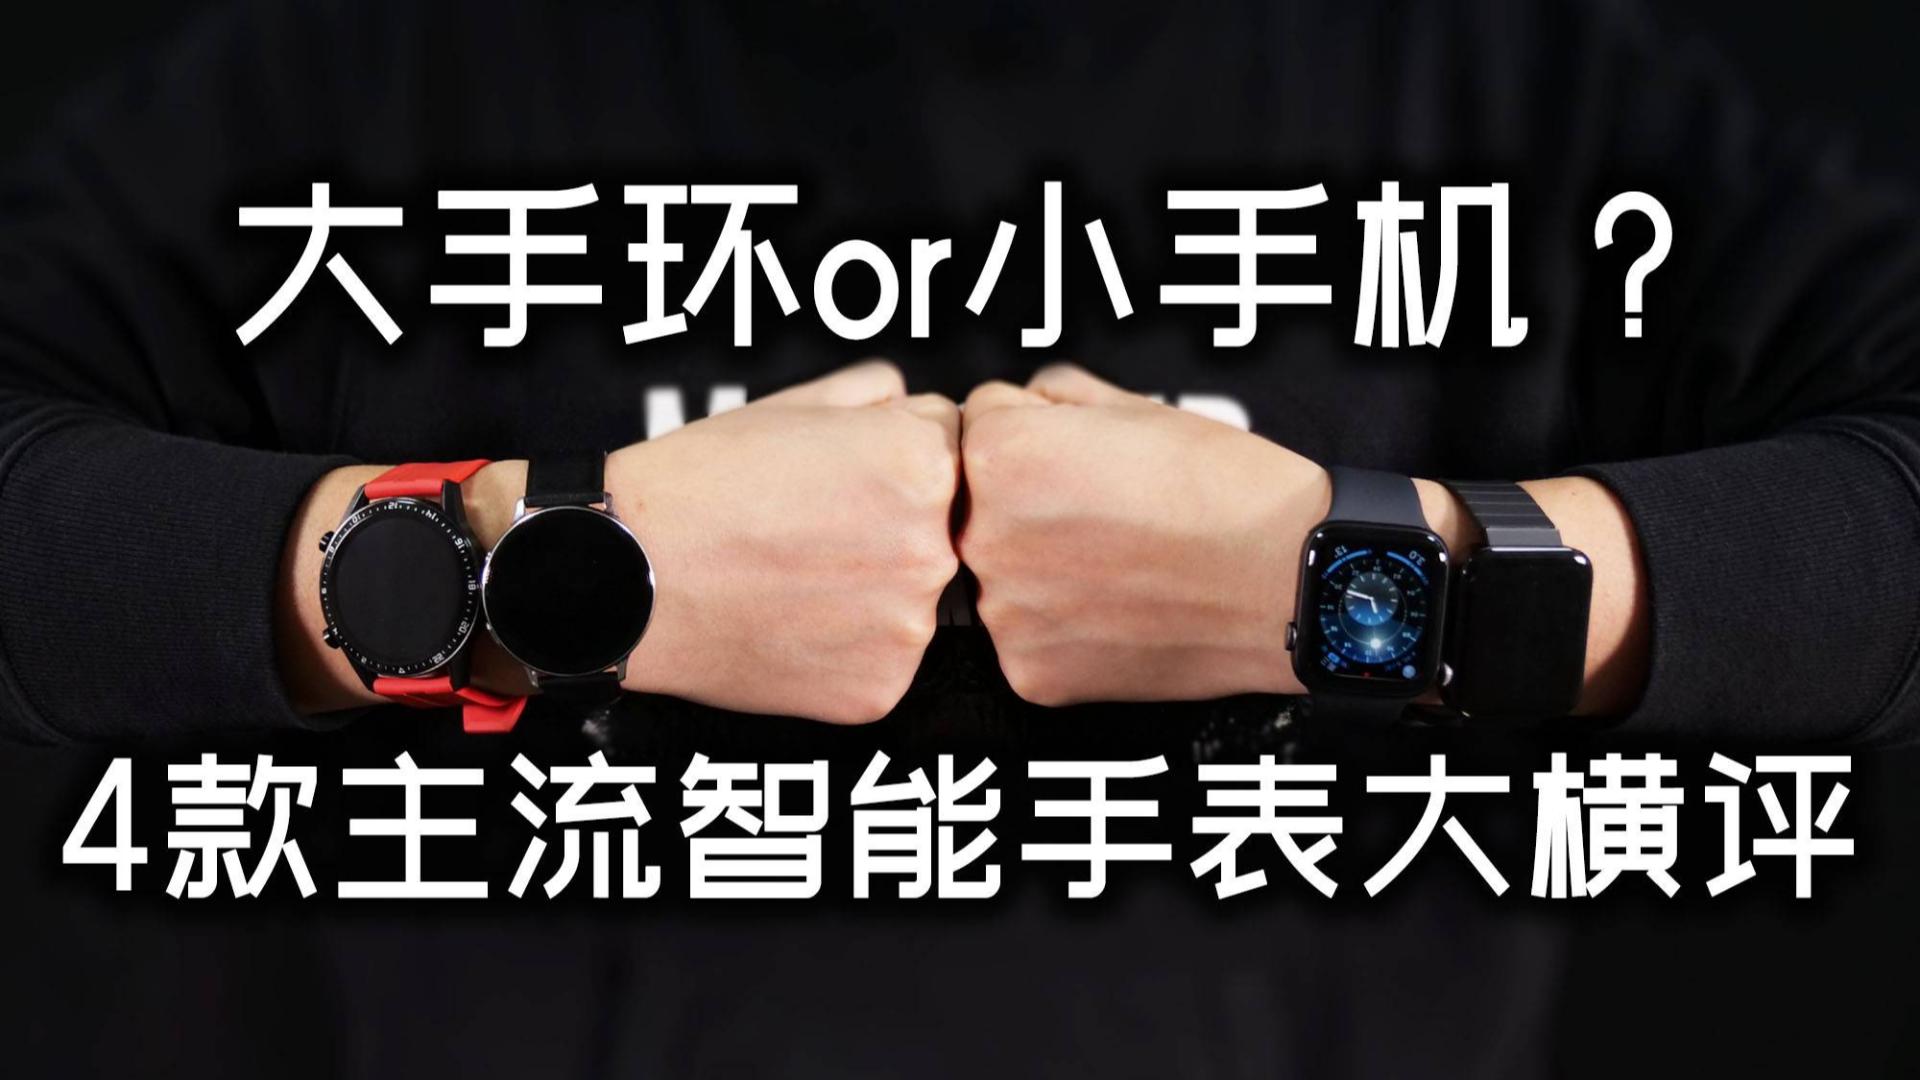 「小白测评」4款主流智能手表大横评是大手环还是小手机?